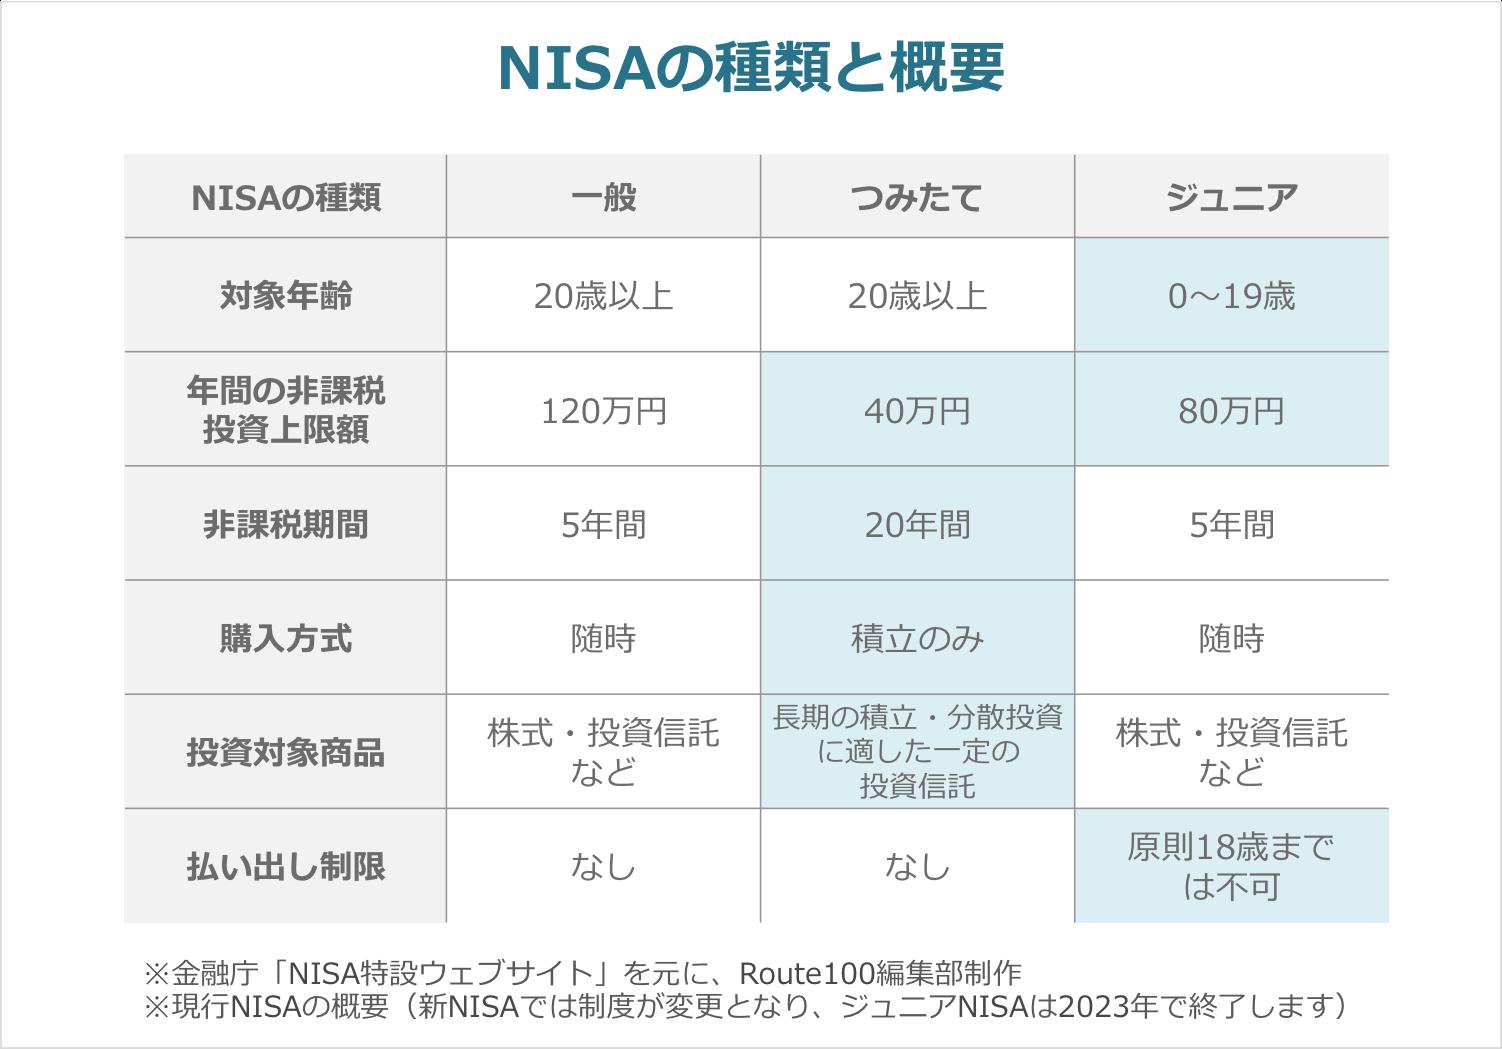 NISAの種類と概要